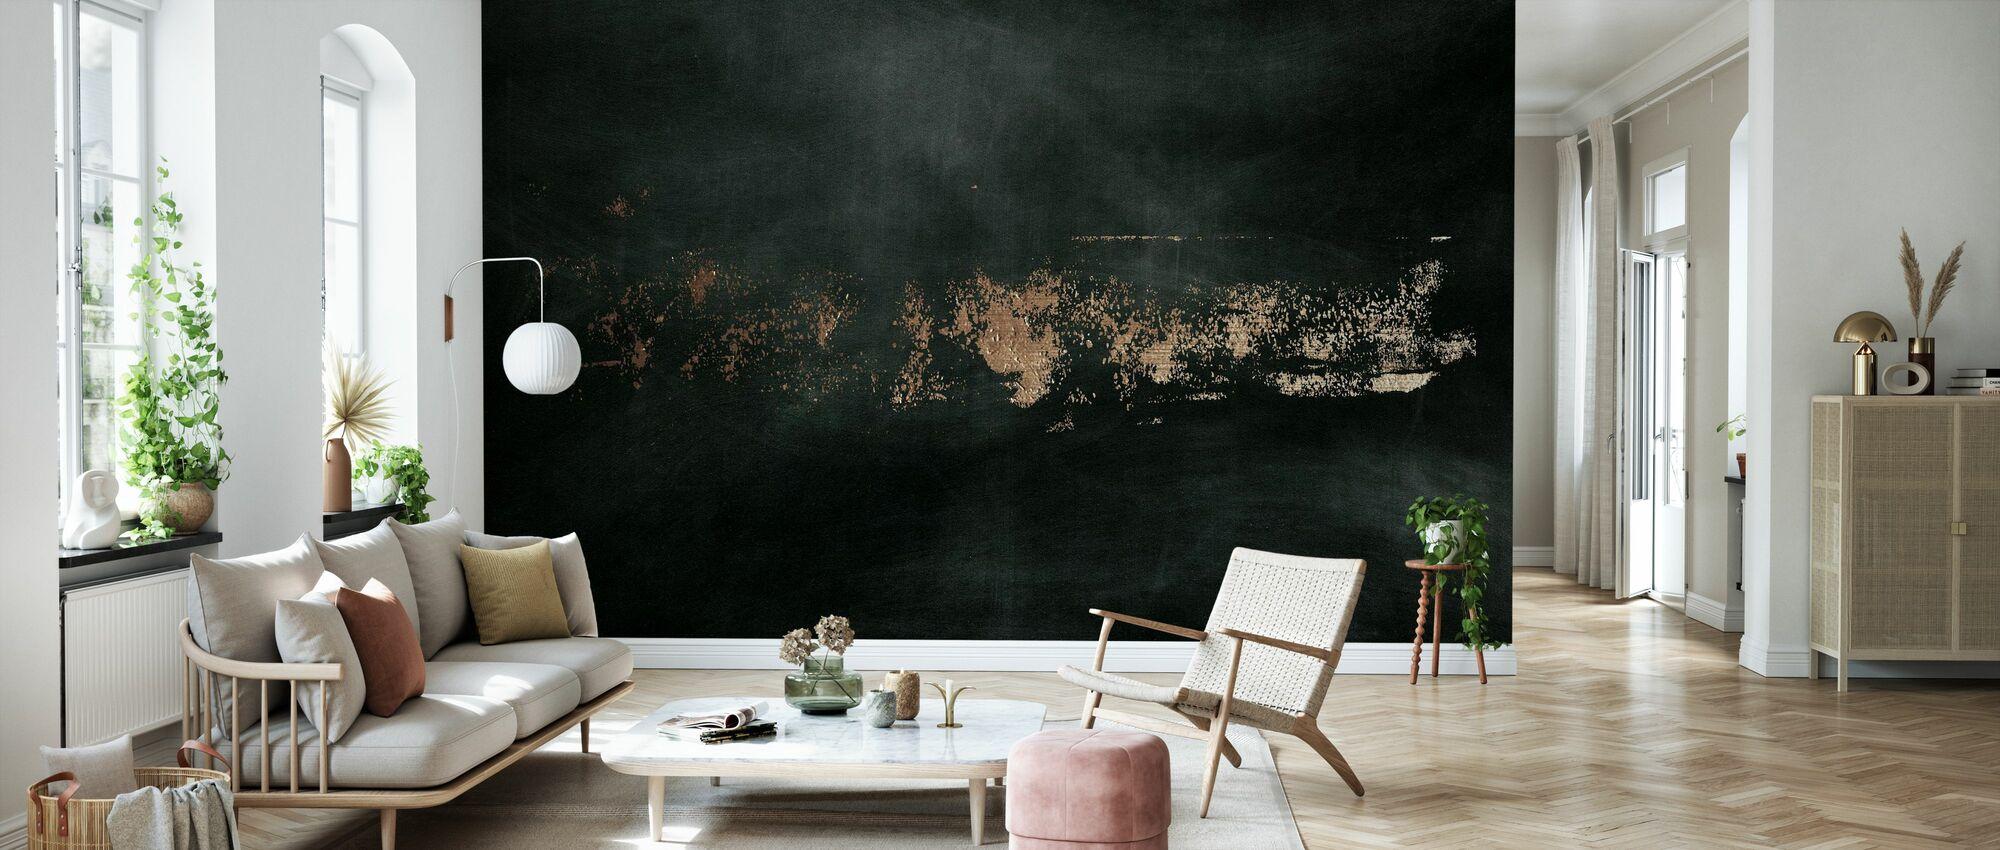 Fata Morgana - Wallpaper - Living Room